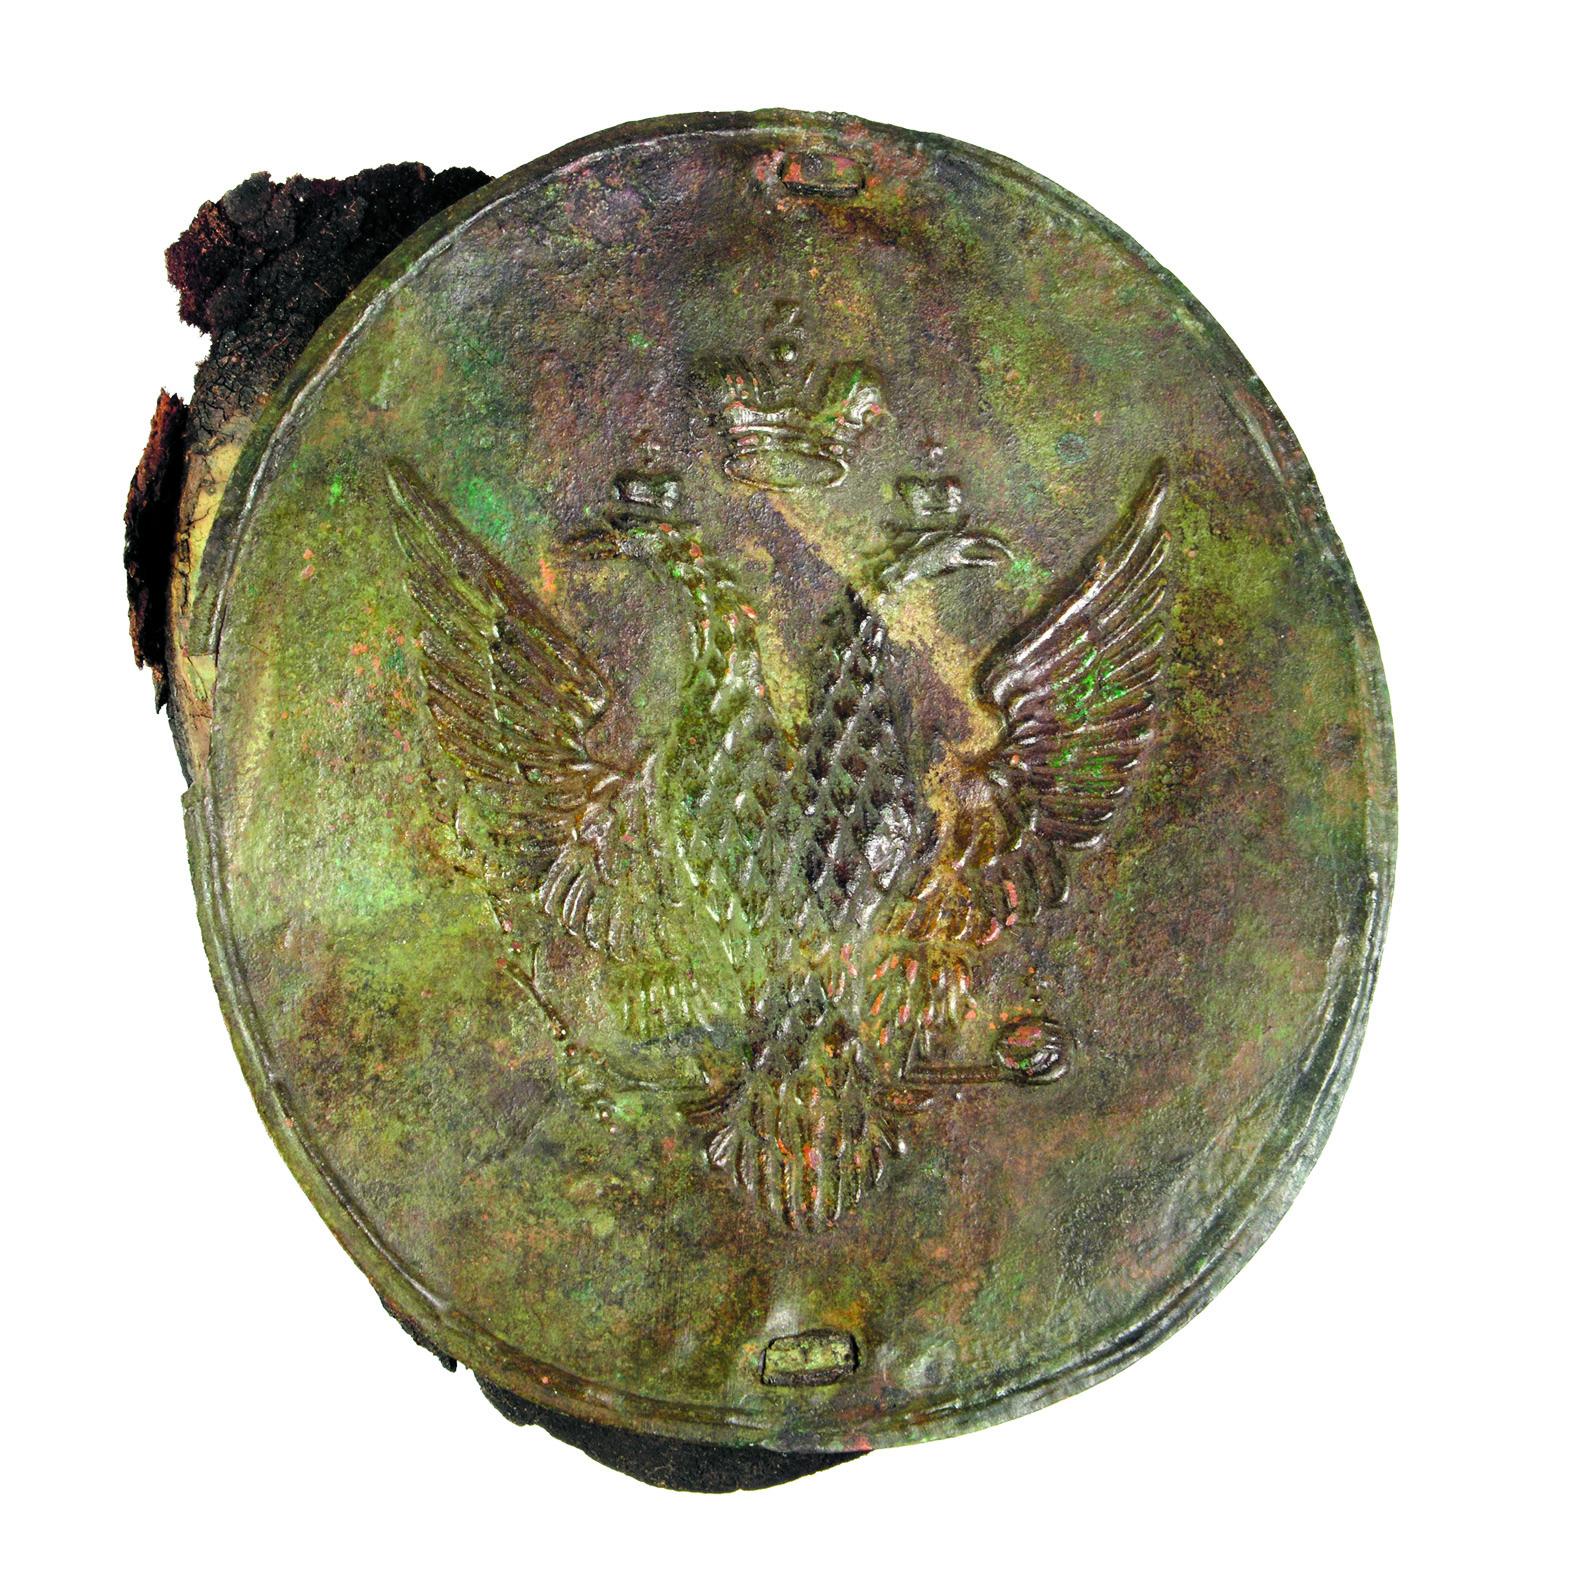 De messing plaat van de tas van de Rus: in oktober te zien  tijdens een bijzondere expositie in Huis van Hilde. (foto aangeleverd)